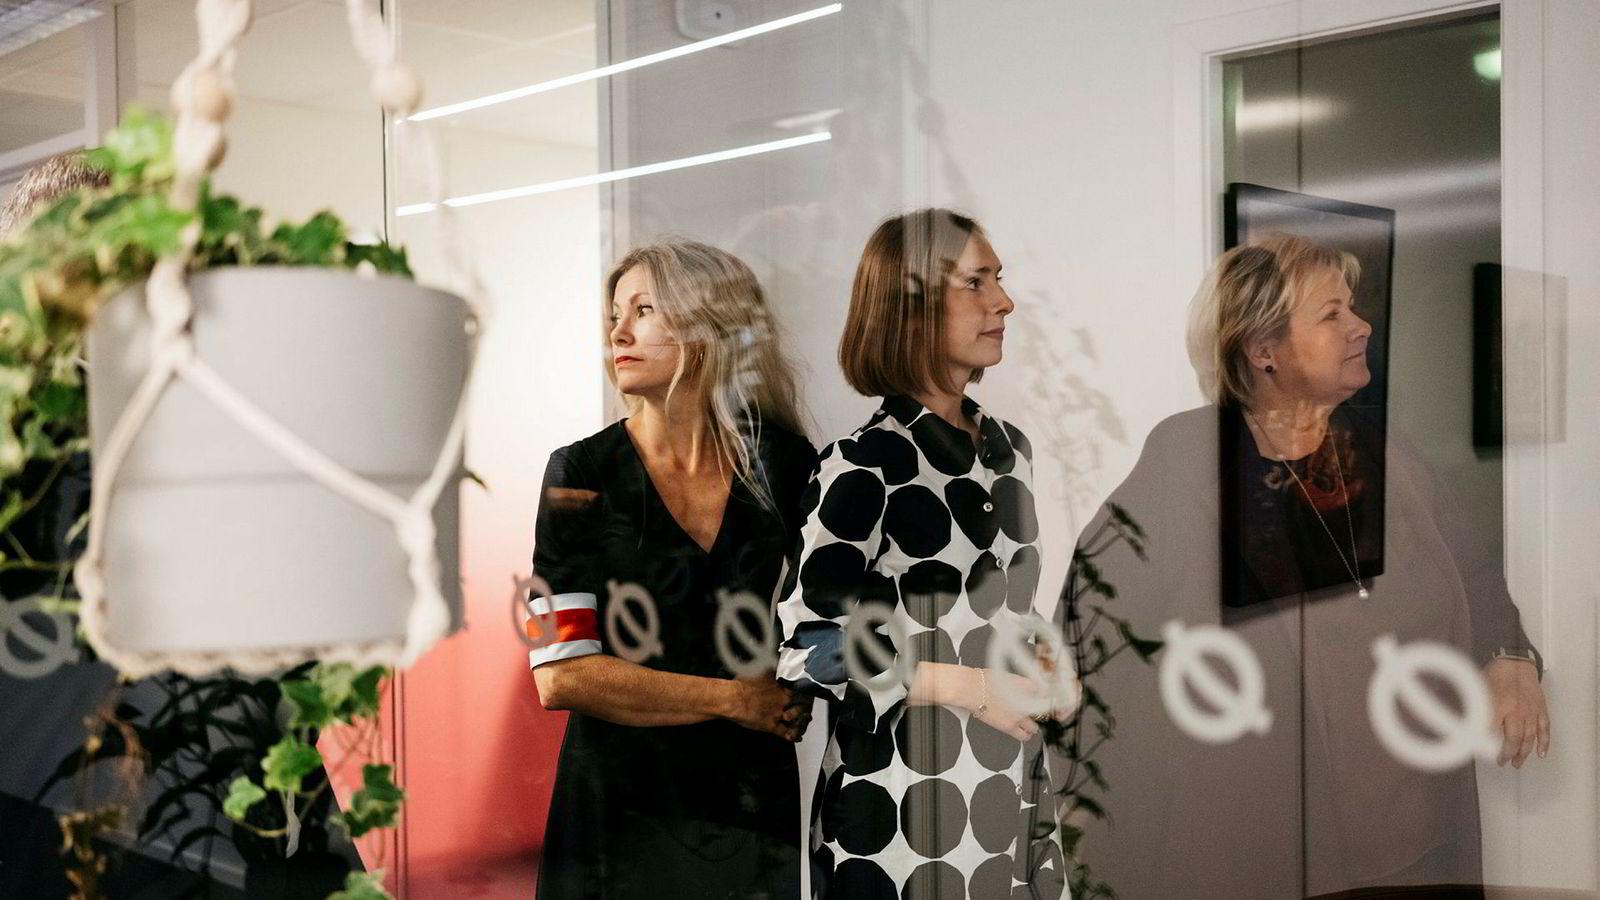 Erna Solberg (til høyre) nektet å utføre et klimabrøl foran journalistene da hun besøkte Stavanger fredag, men hun lovet 700 millioner nye kroner til Nysnø-sjef Siri Kalvig (til venstre). Forsknings- og høyere utdanningsminister Iselin Nybø feiret Venstre-seieren.